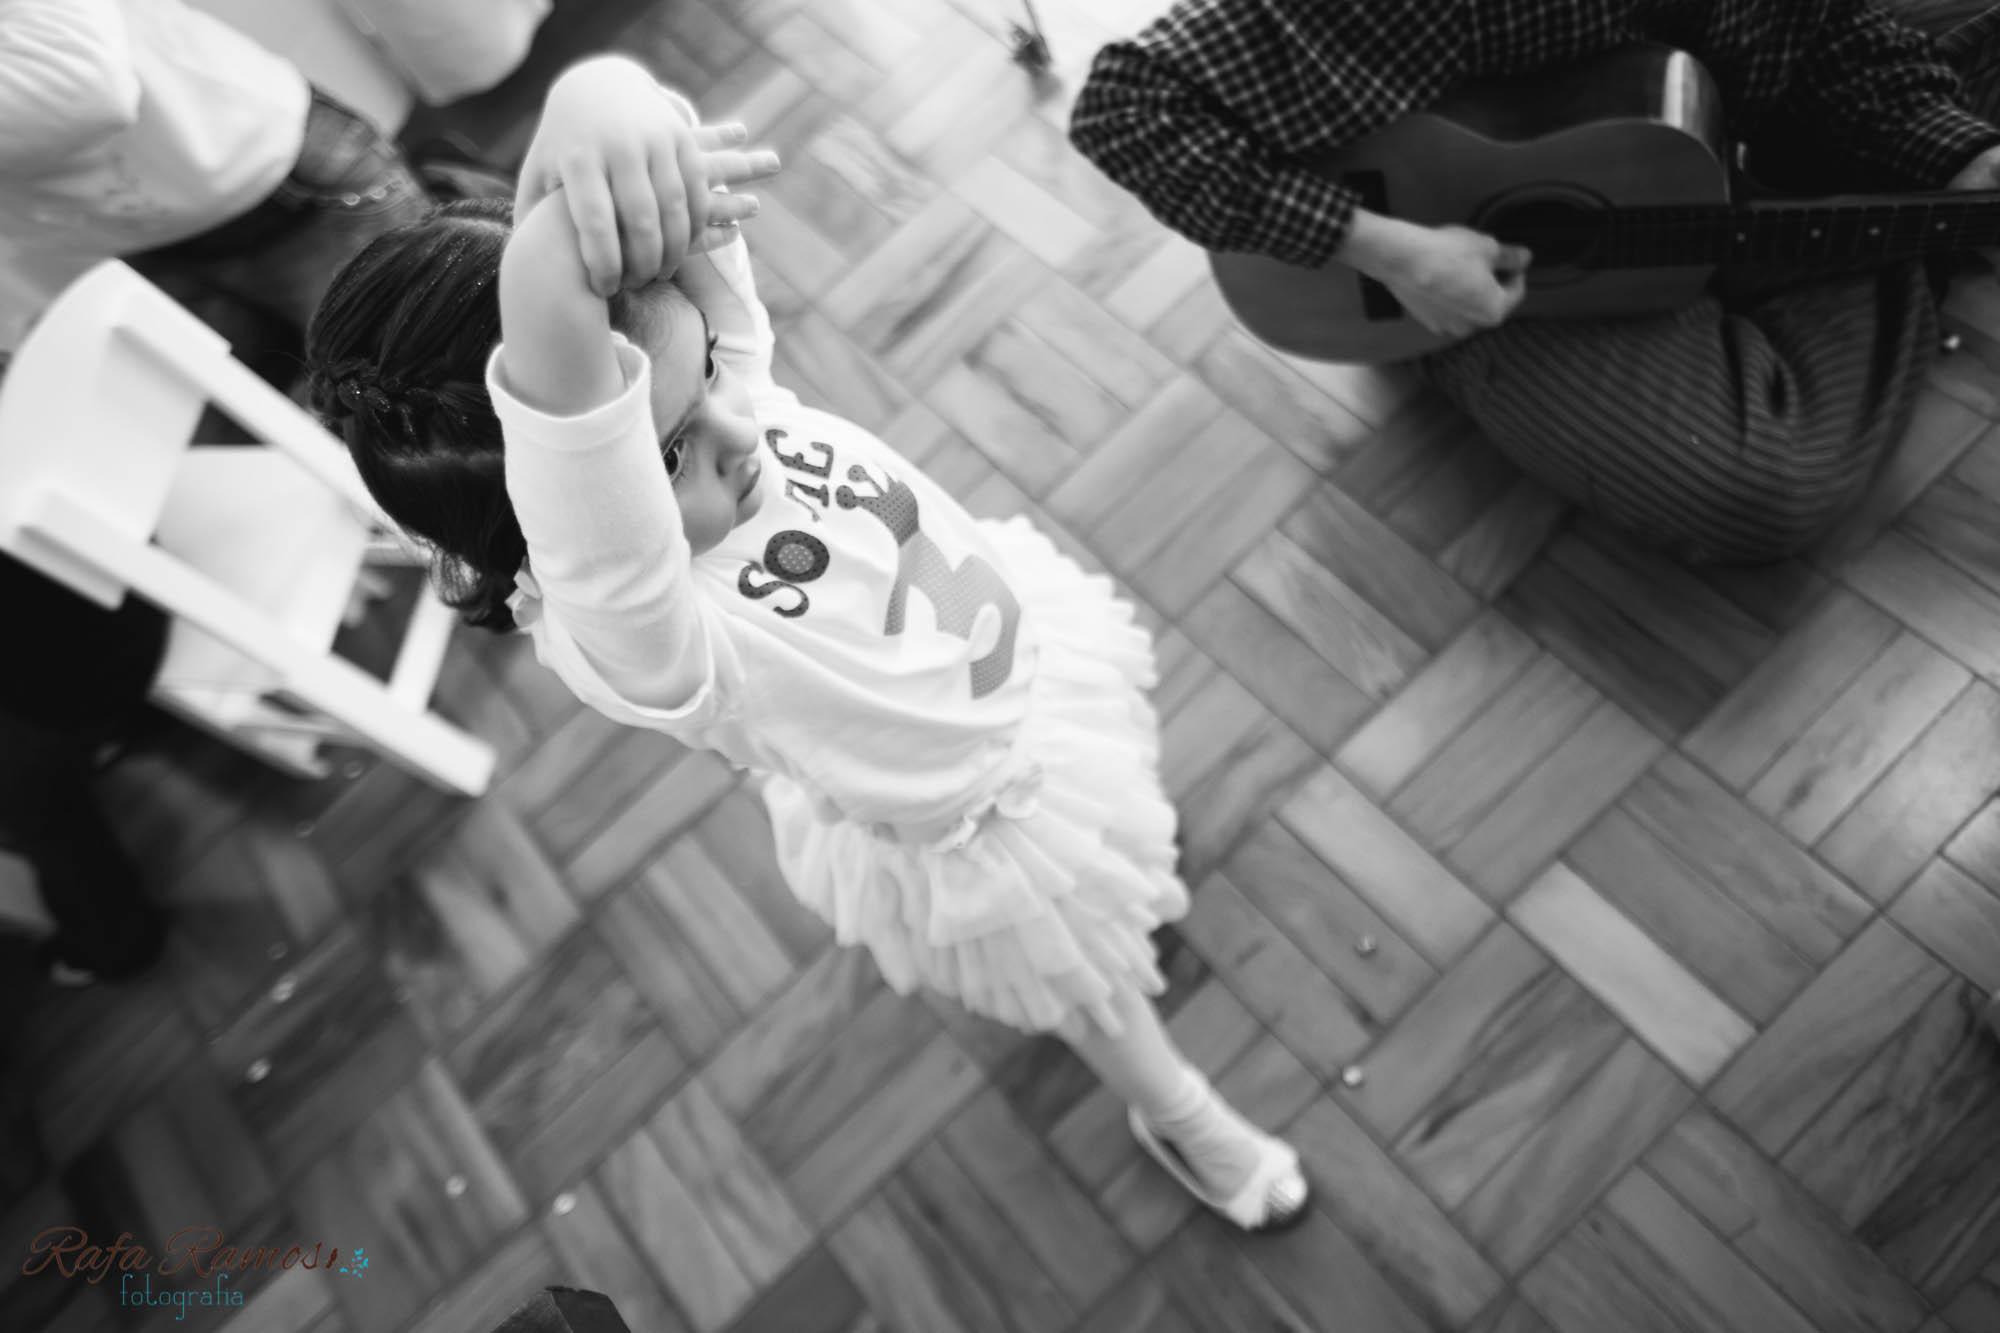 Fotografia de aniversário, Bailarina Sofie, Aniversário de Bailarina, Decoração Bailarina, fotografo de aniversário, aniversário sp, Vila Madalena, Aniversário infantil, Festa de criança, Festa infantil em casa, Fotografia infantil, decoração festa infantil, Vila Madalena, São paulo, SP, fotografo, família, fotografia de família, fotografia criativa, blog de fotografia, Rafa Ramos, Fotografo, Rafa Ramos Fotografia,sofie030